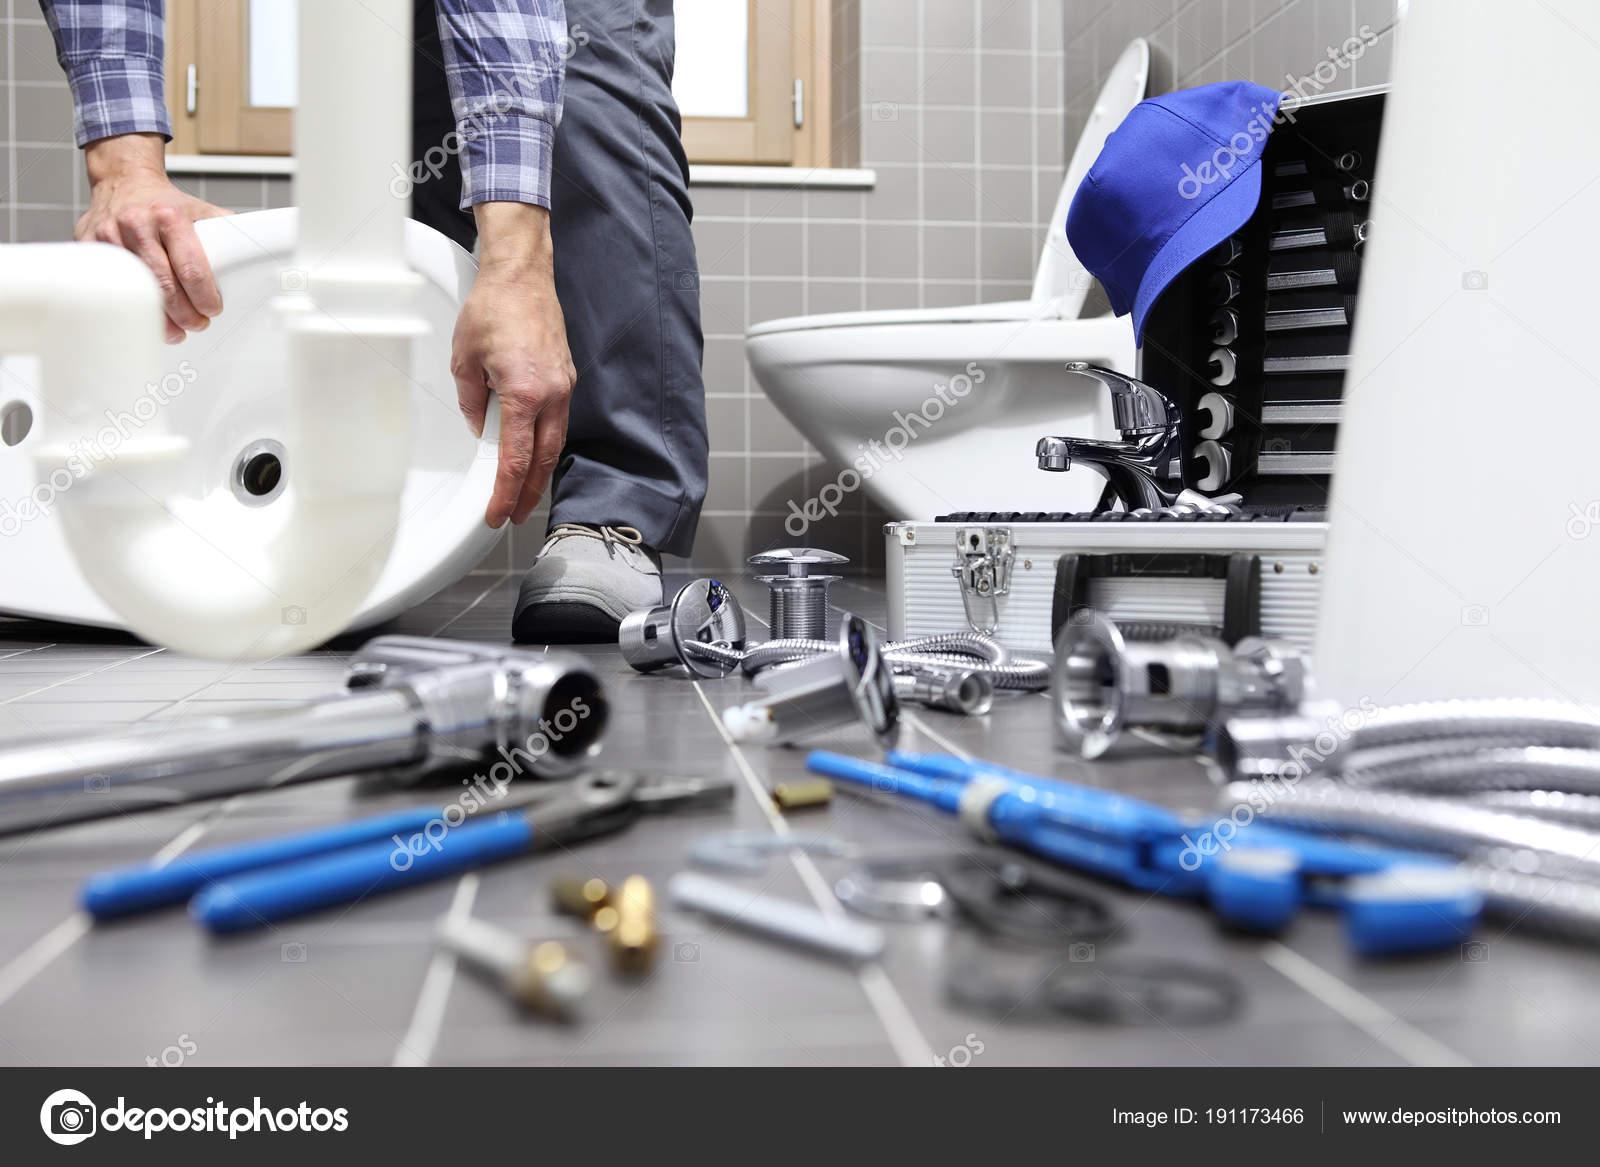 Idraulico al lavoro in un bagno impianto idraulico servizio di